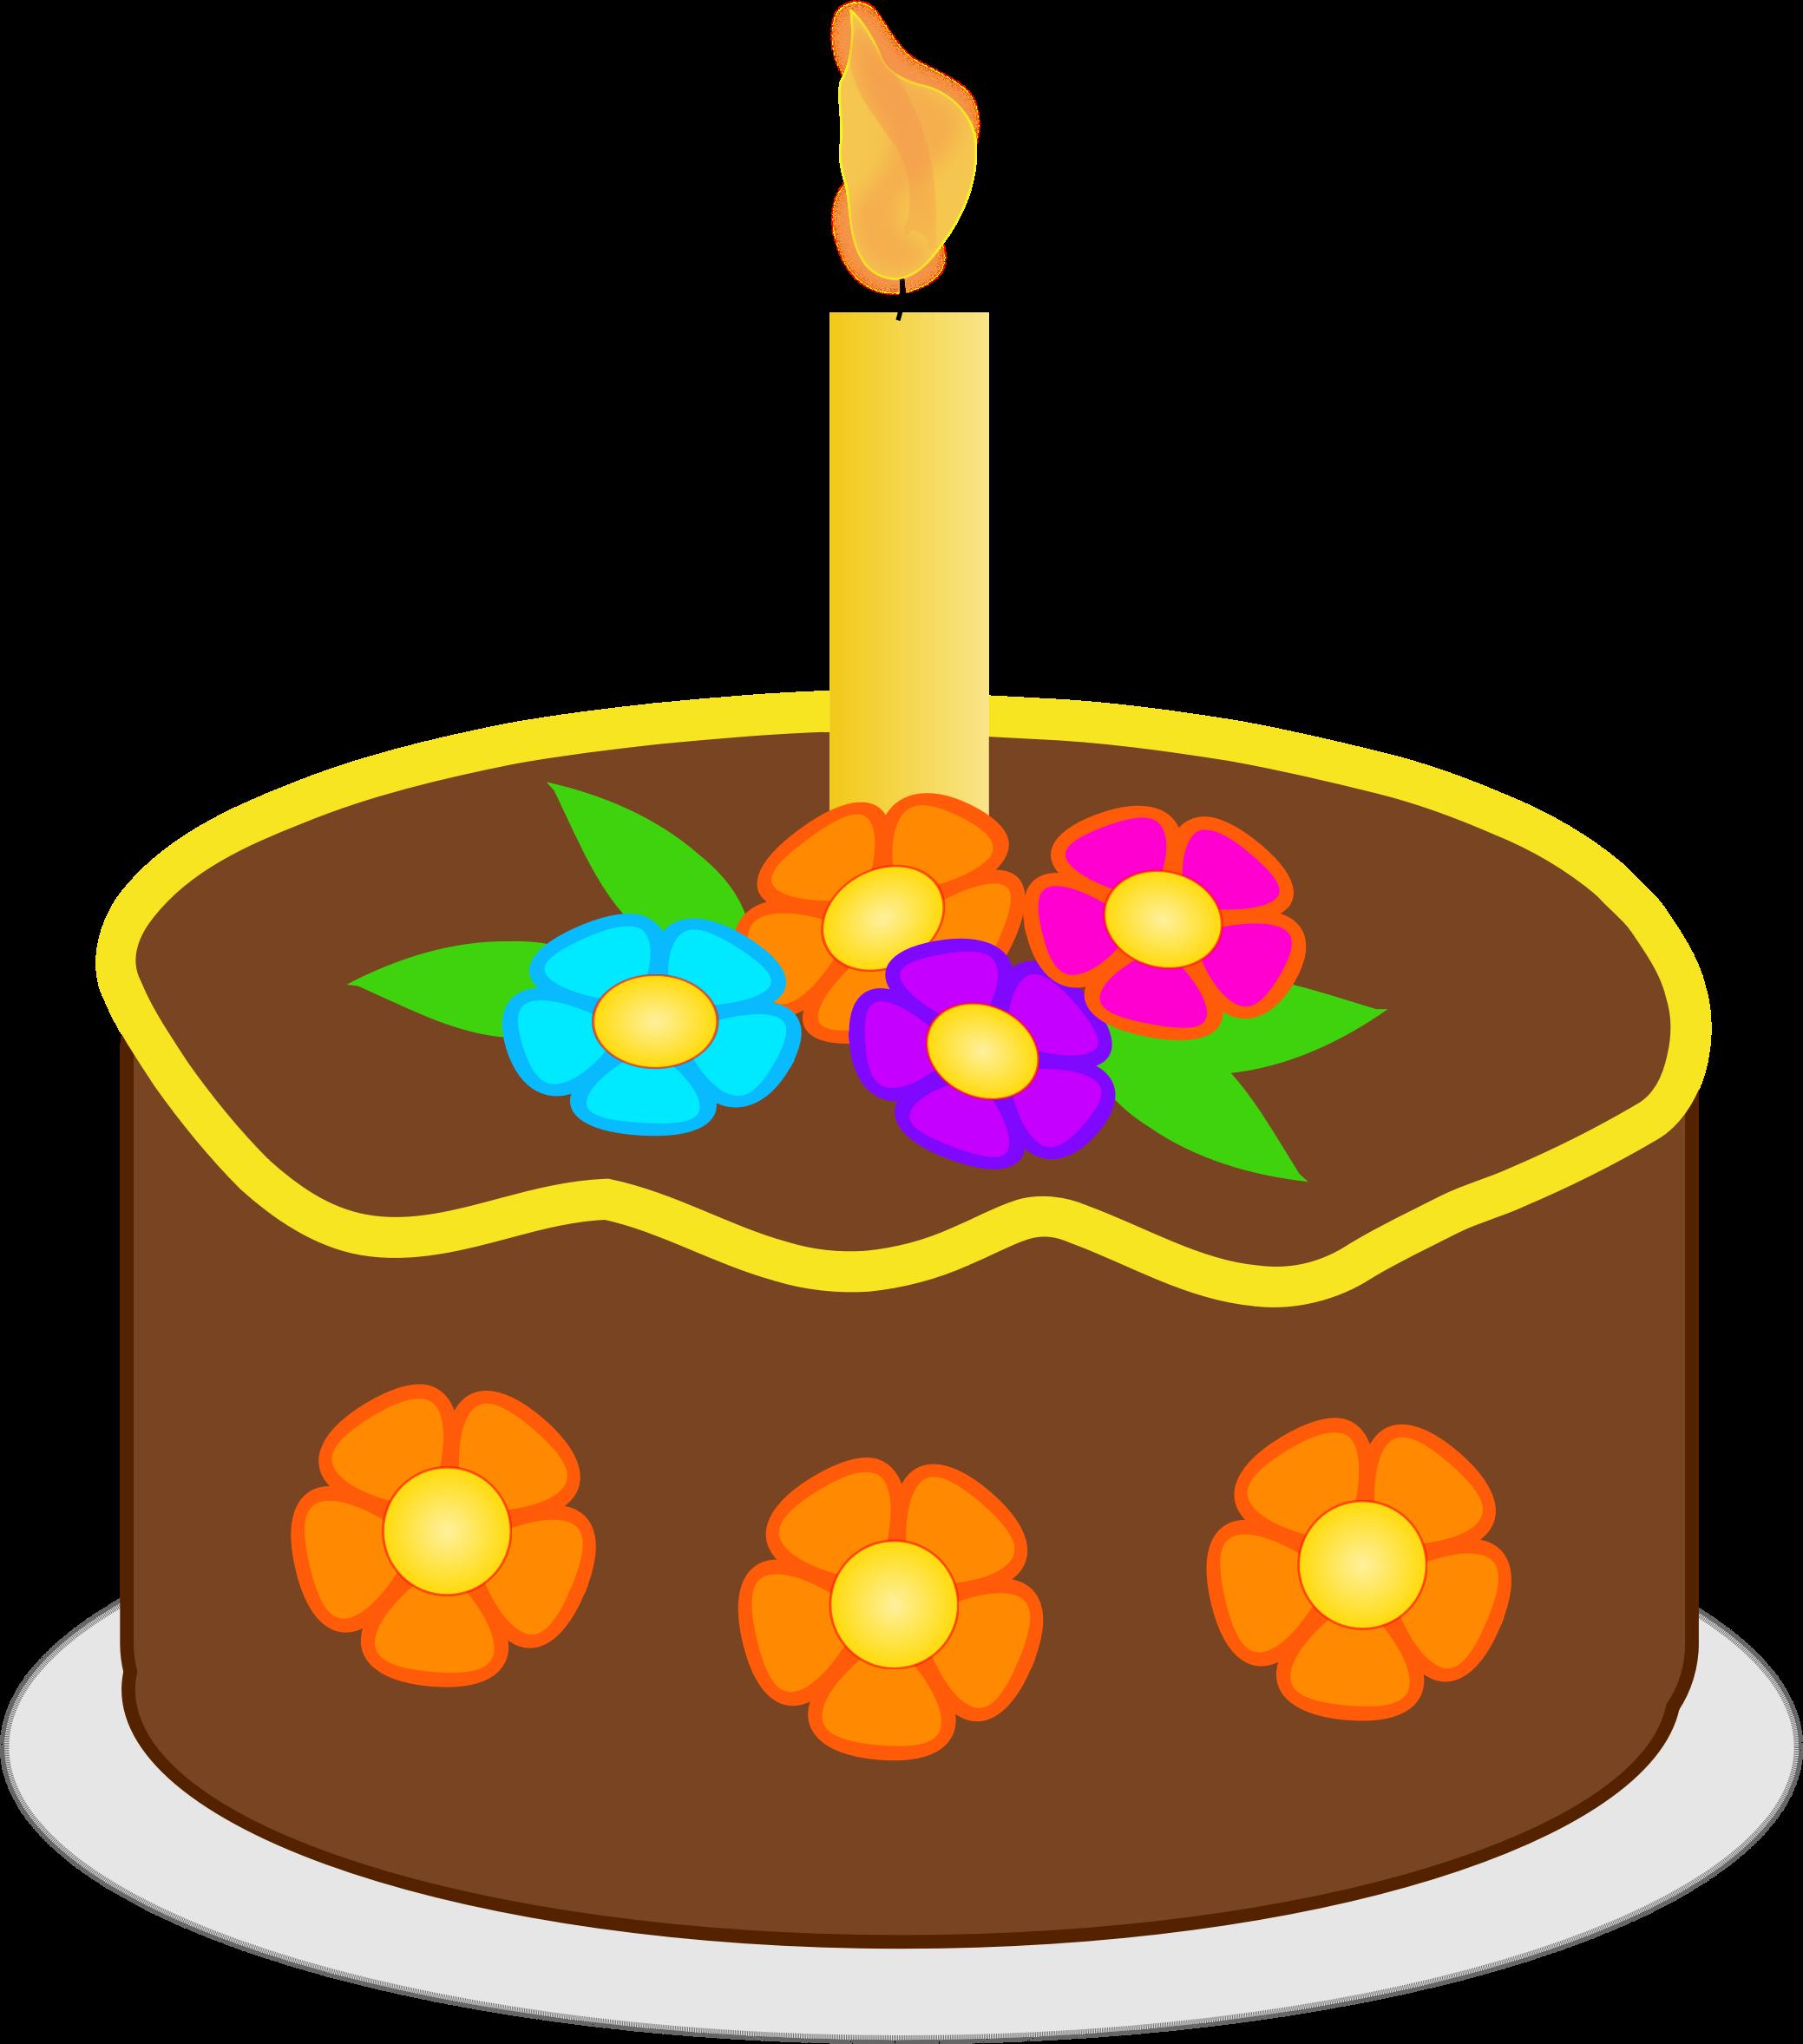 Brown clipart birthday cake Birthday Chocolate Clipart Chocolate Birthday